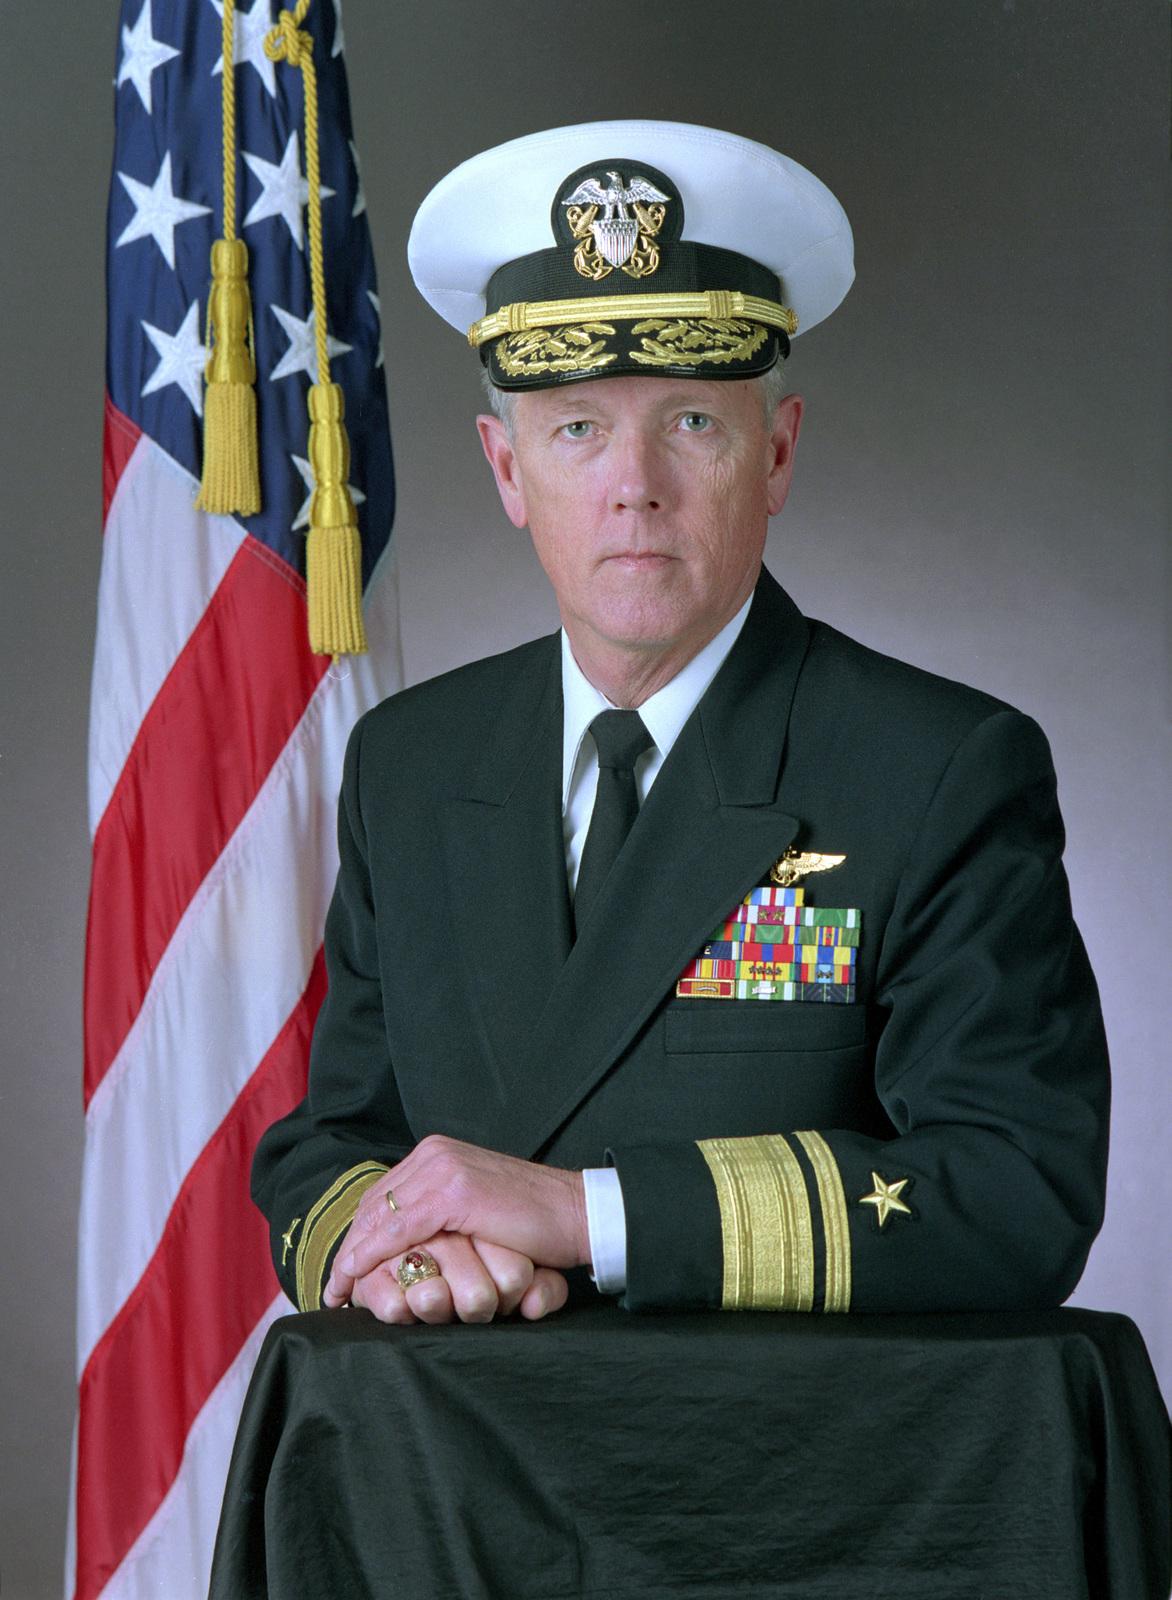 Rear Admiral (upper half) Joseph S. Walker, USN